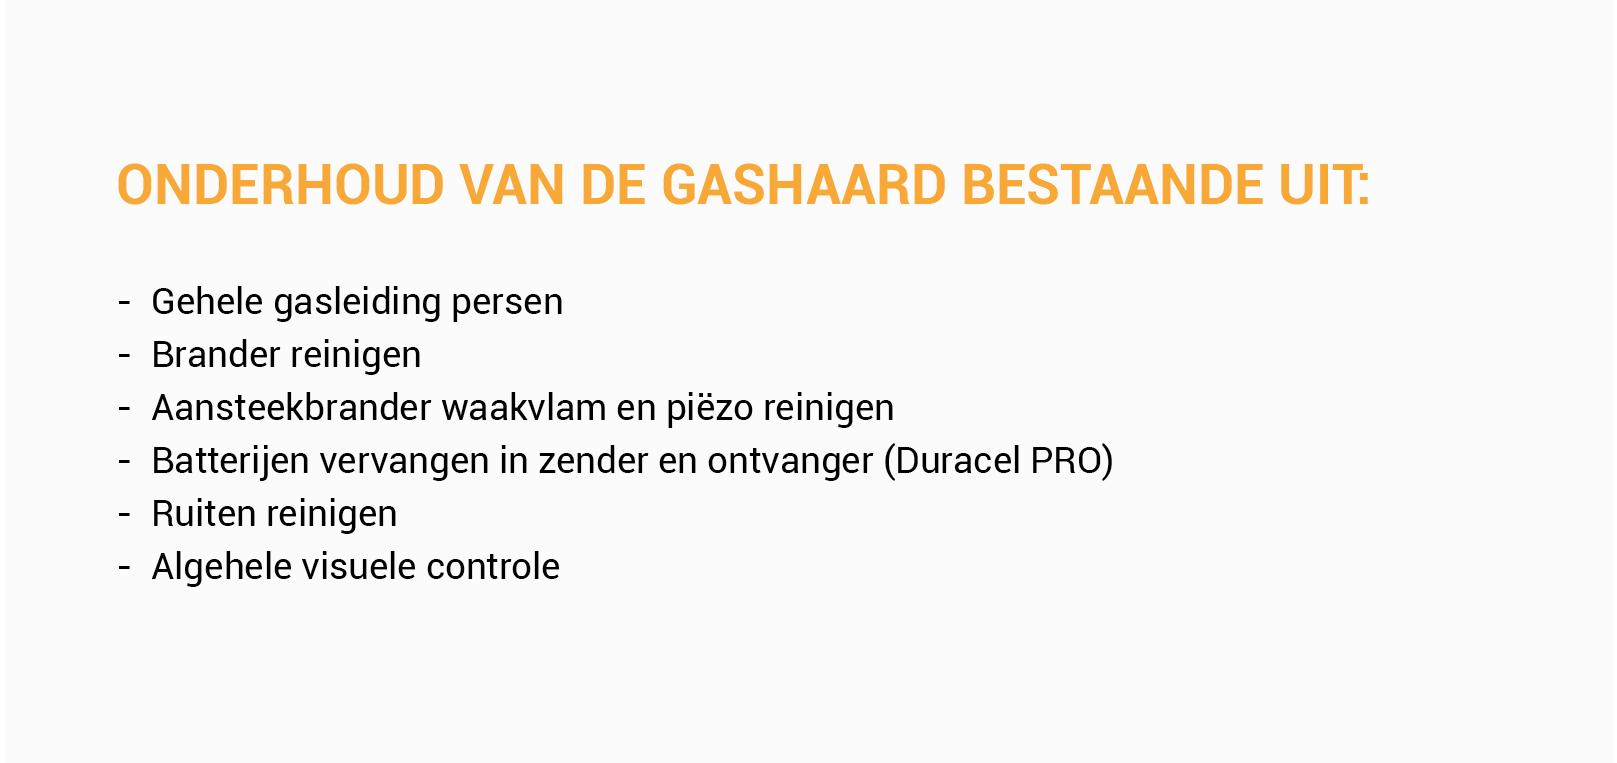 Onderhoud_gashaard